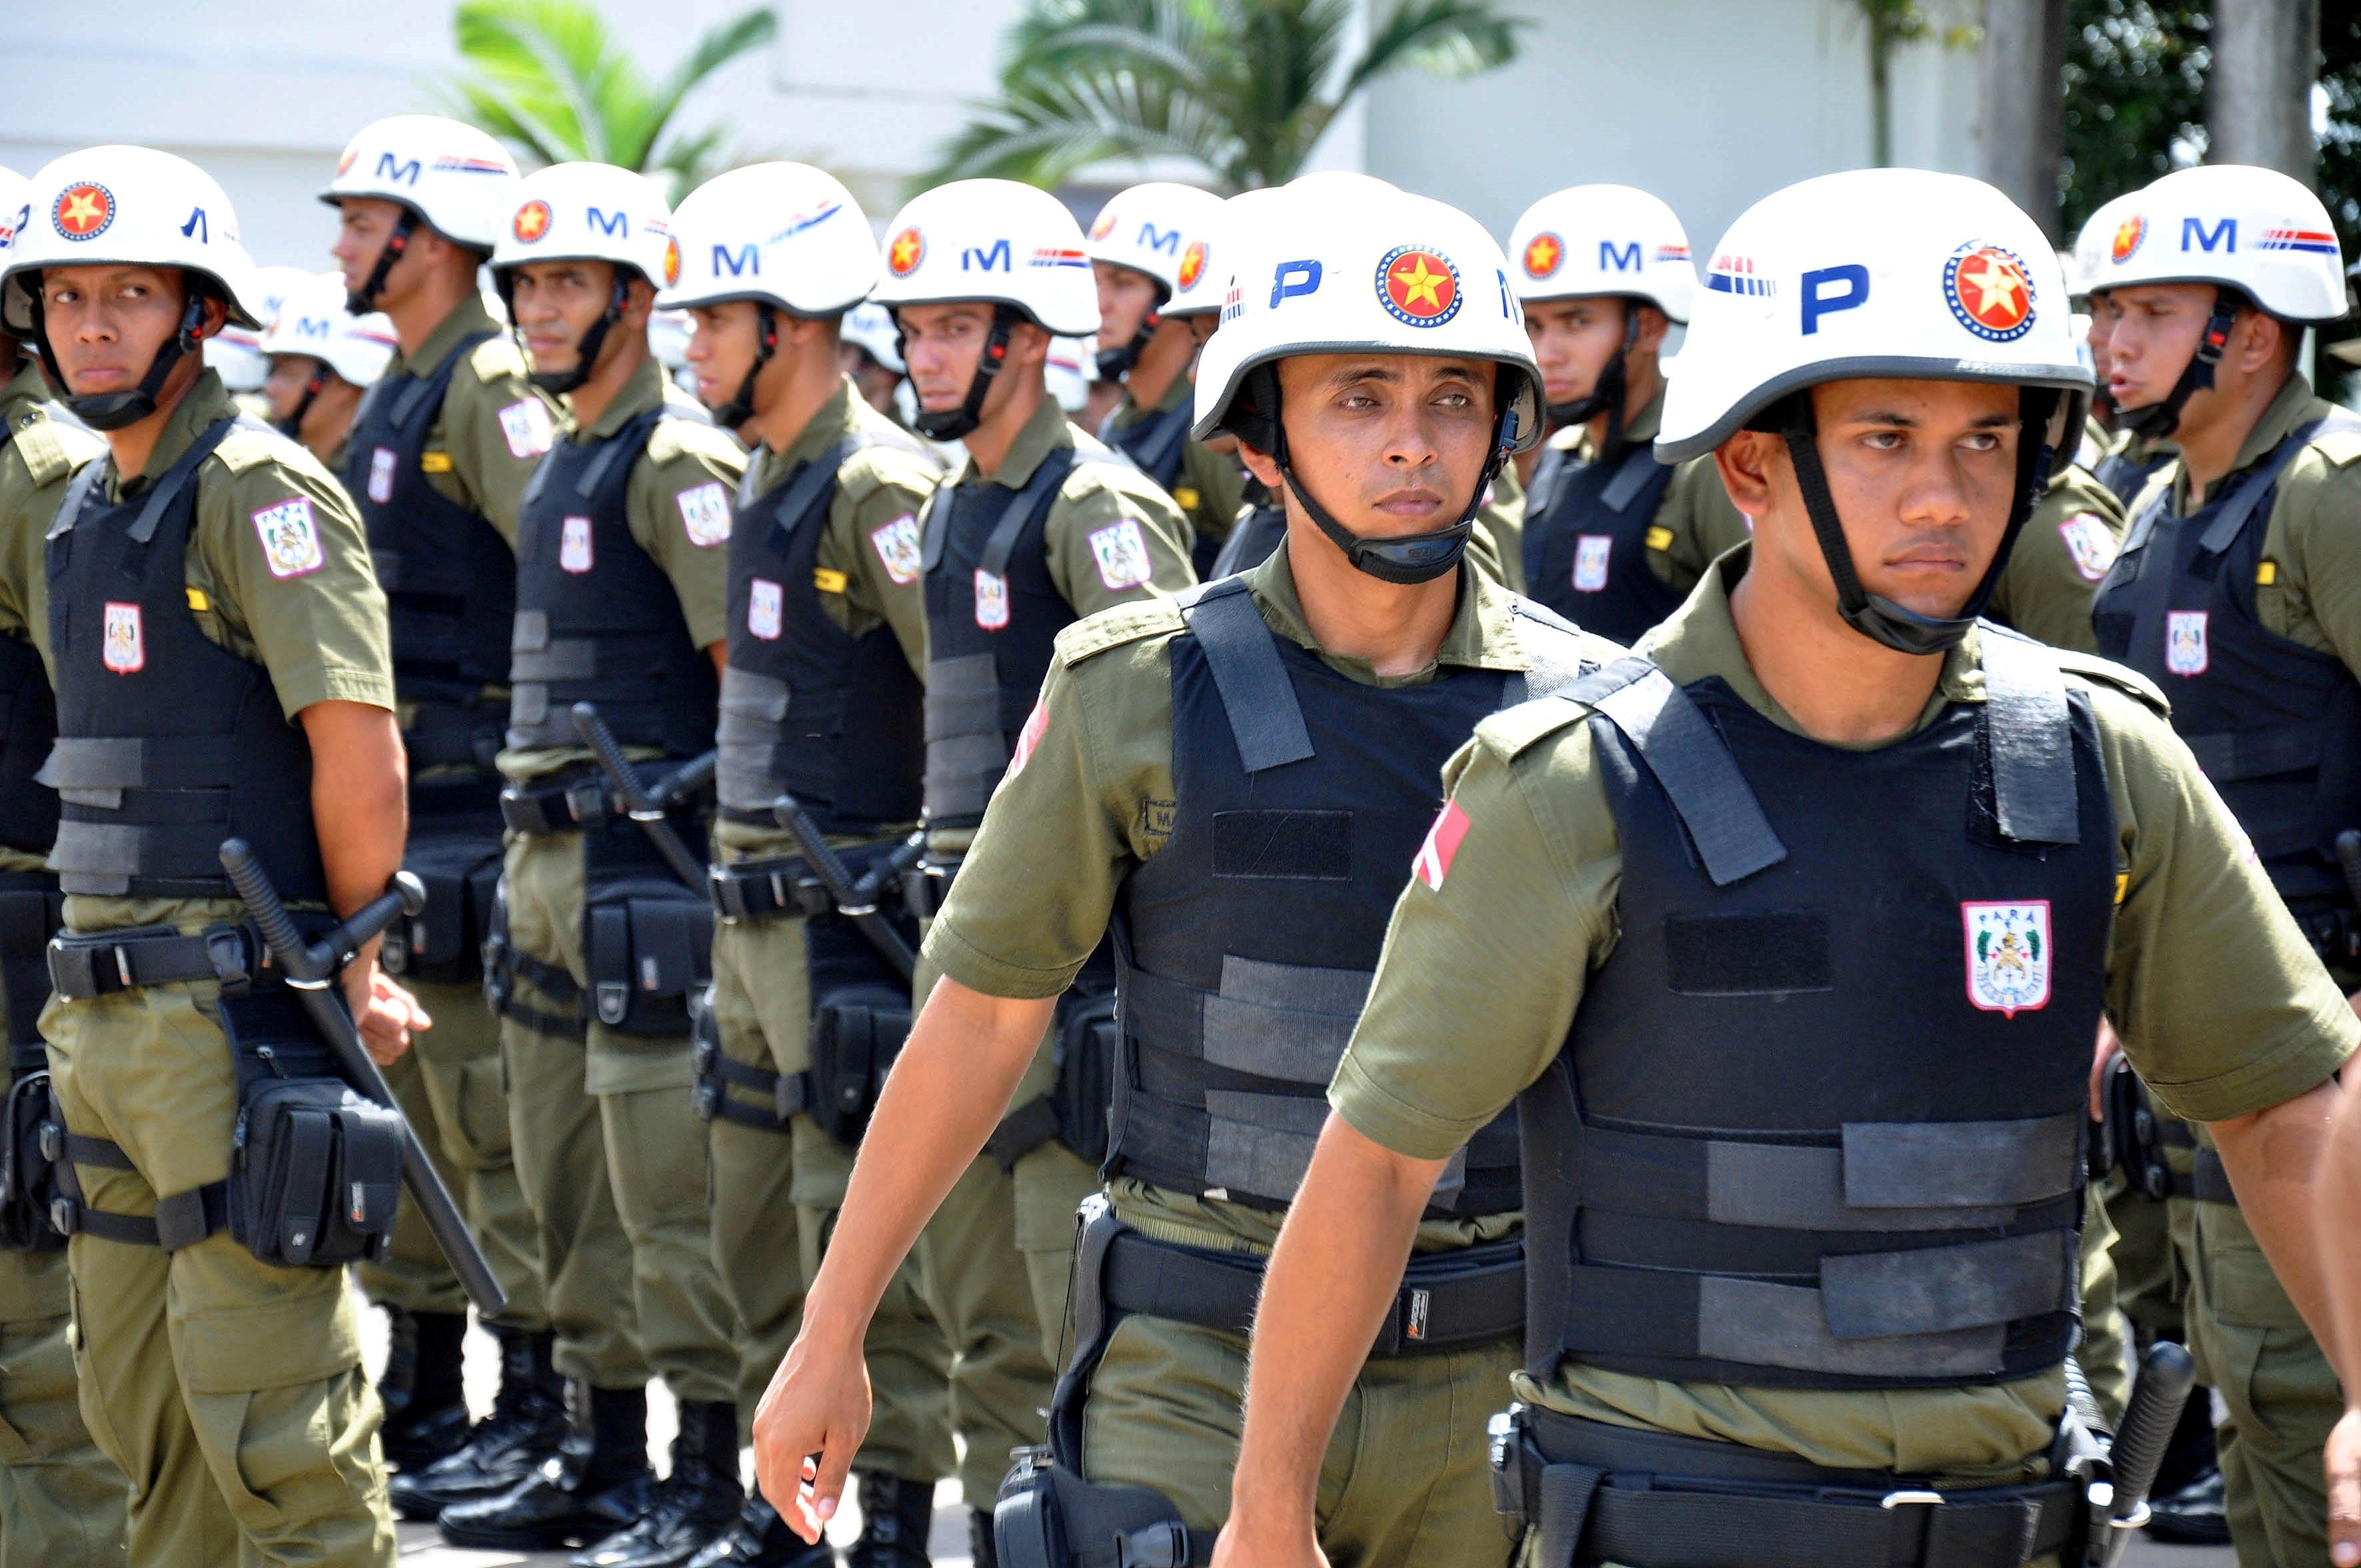 Oportunidade: Polícia Militar divulga edital com 2.000 vagas